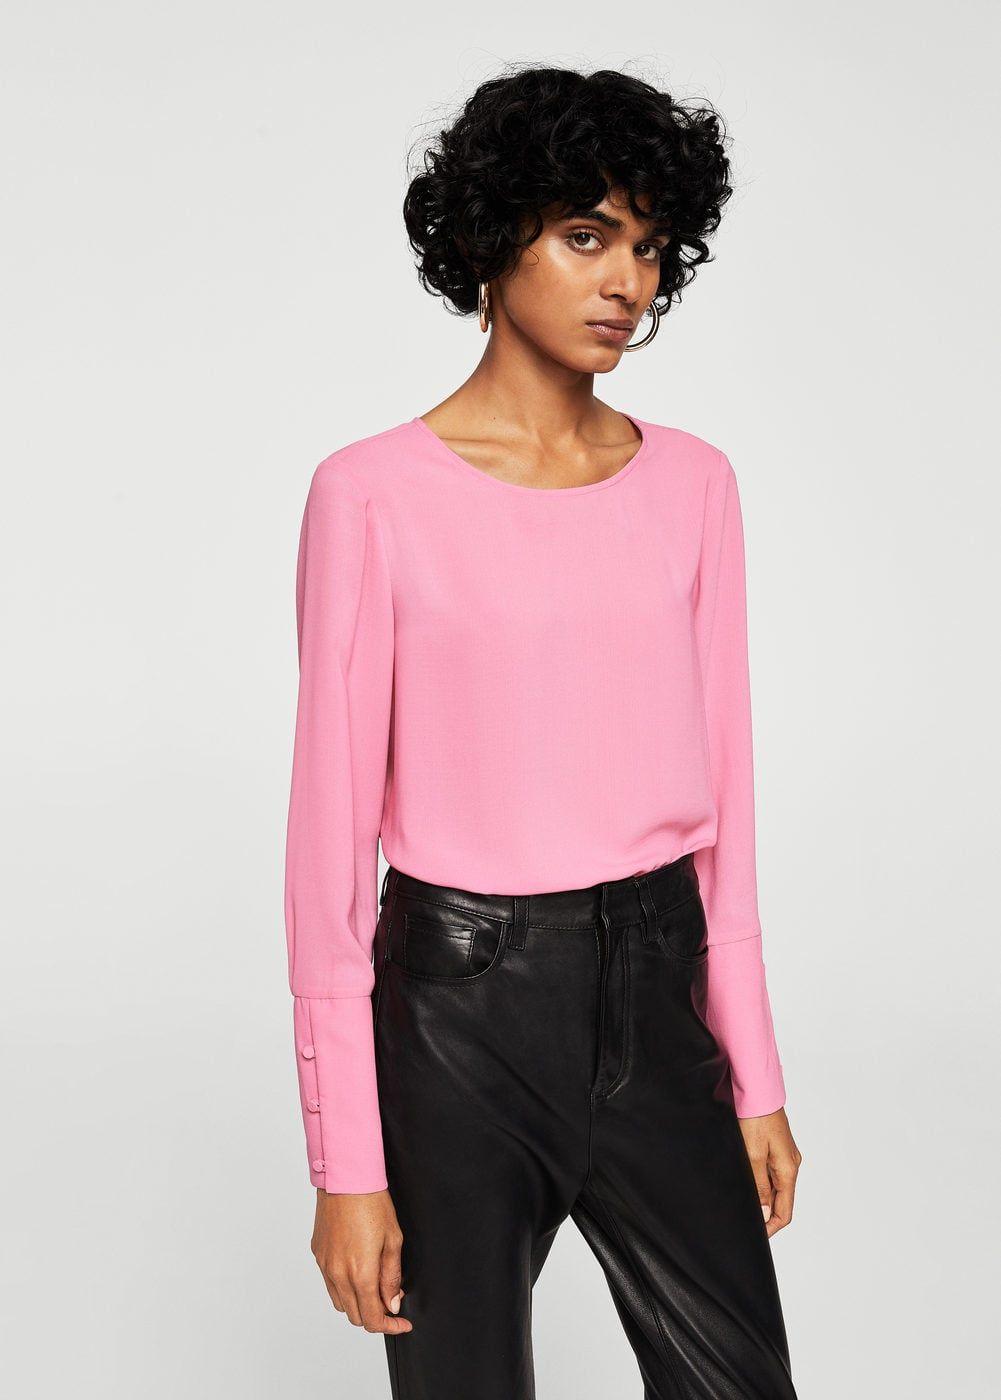 Mango Kleding.Buttoned Sleeves Blouse F Folong Sleeve Women Mango Blouse